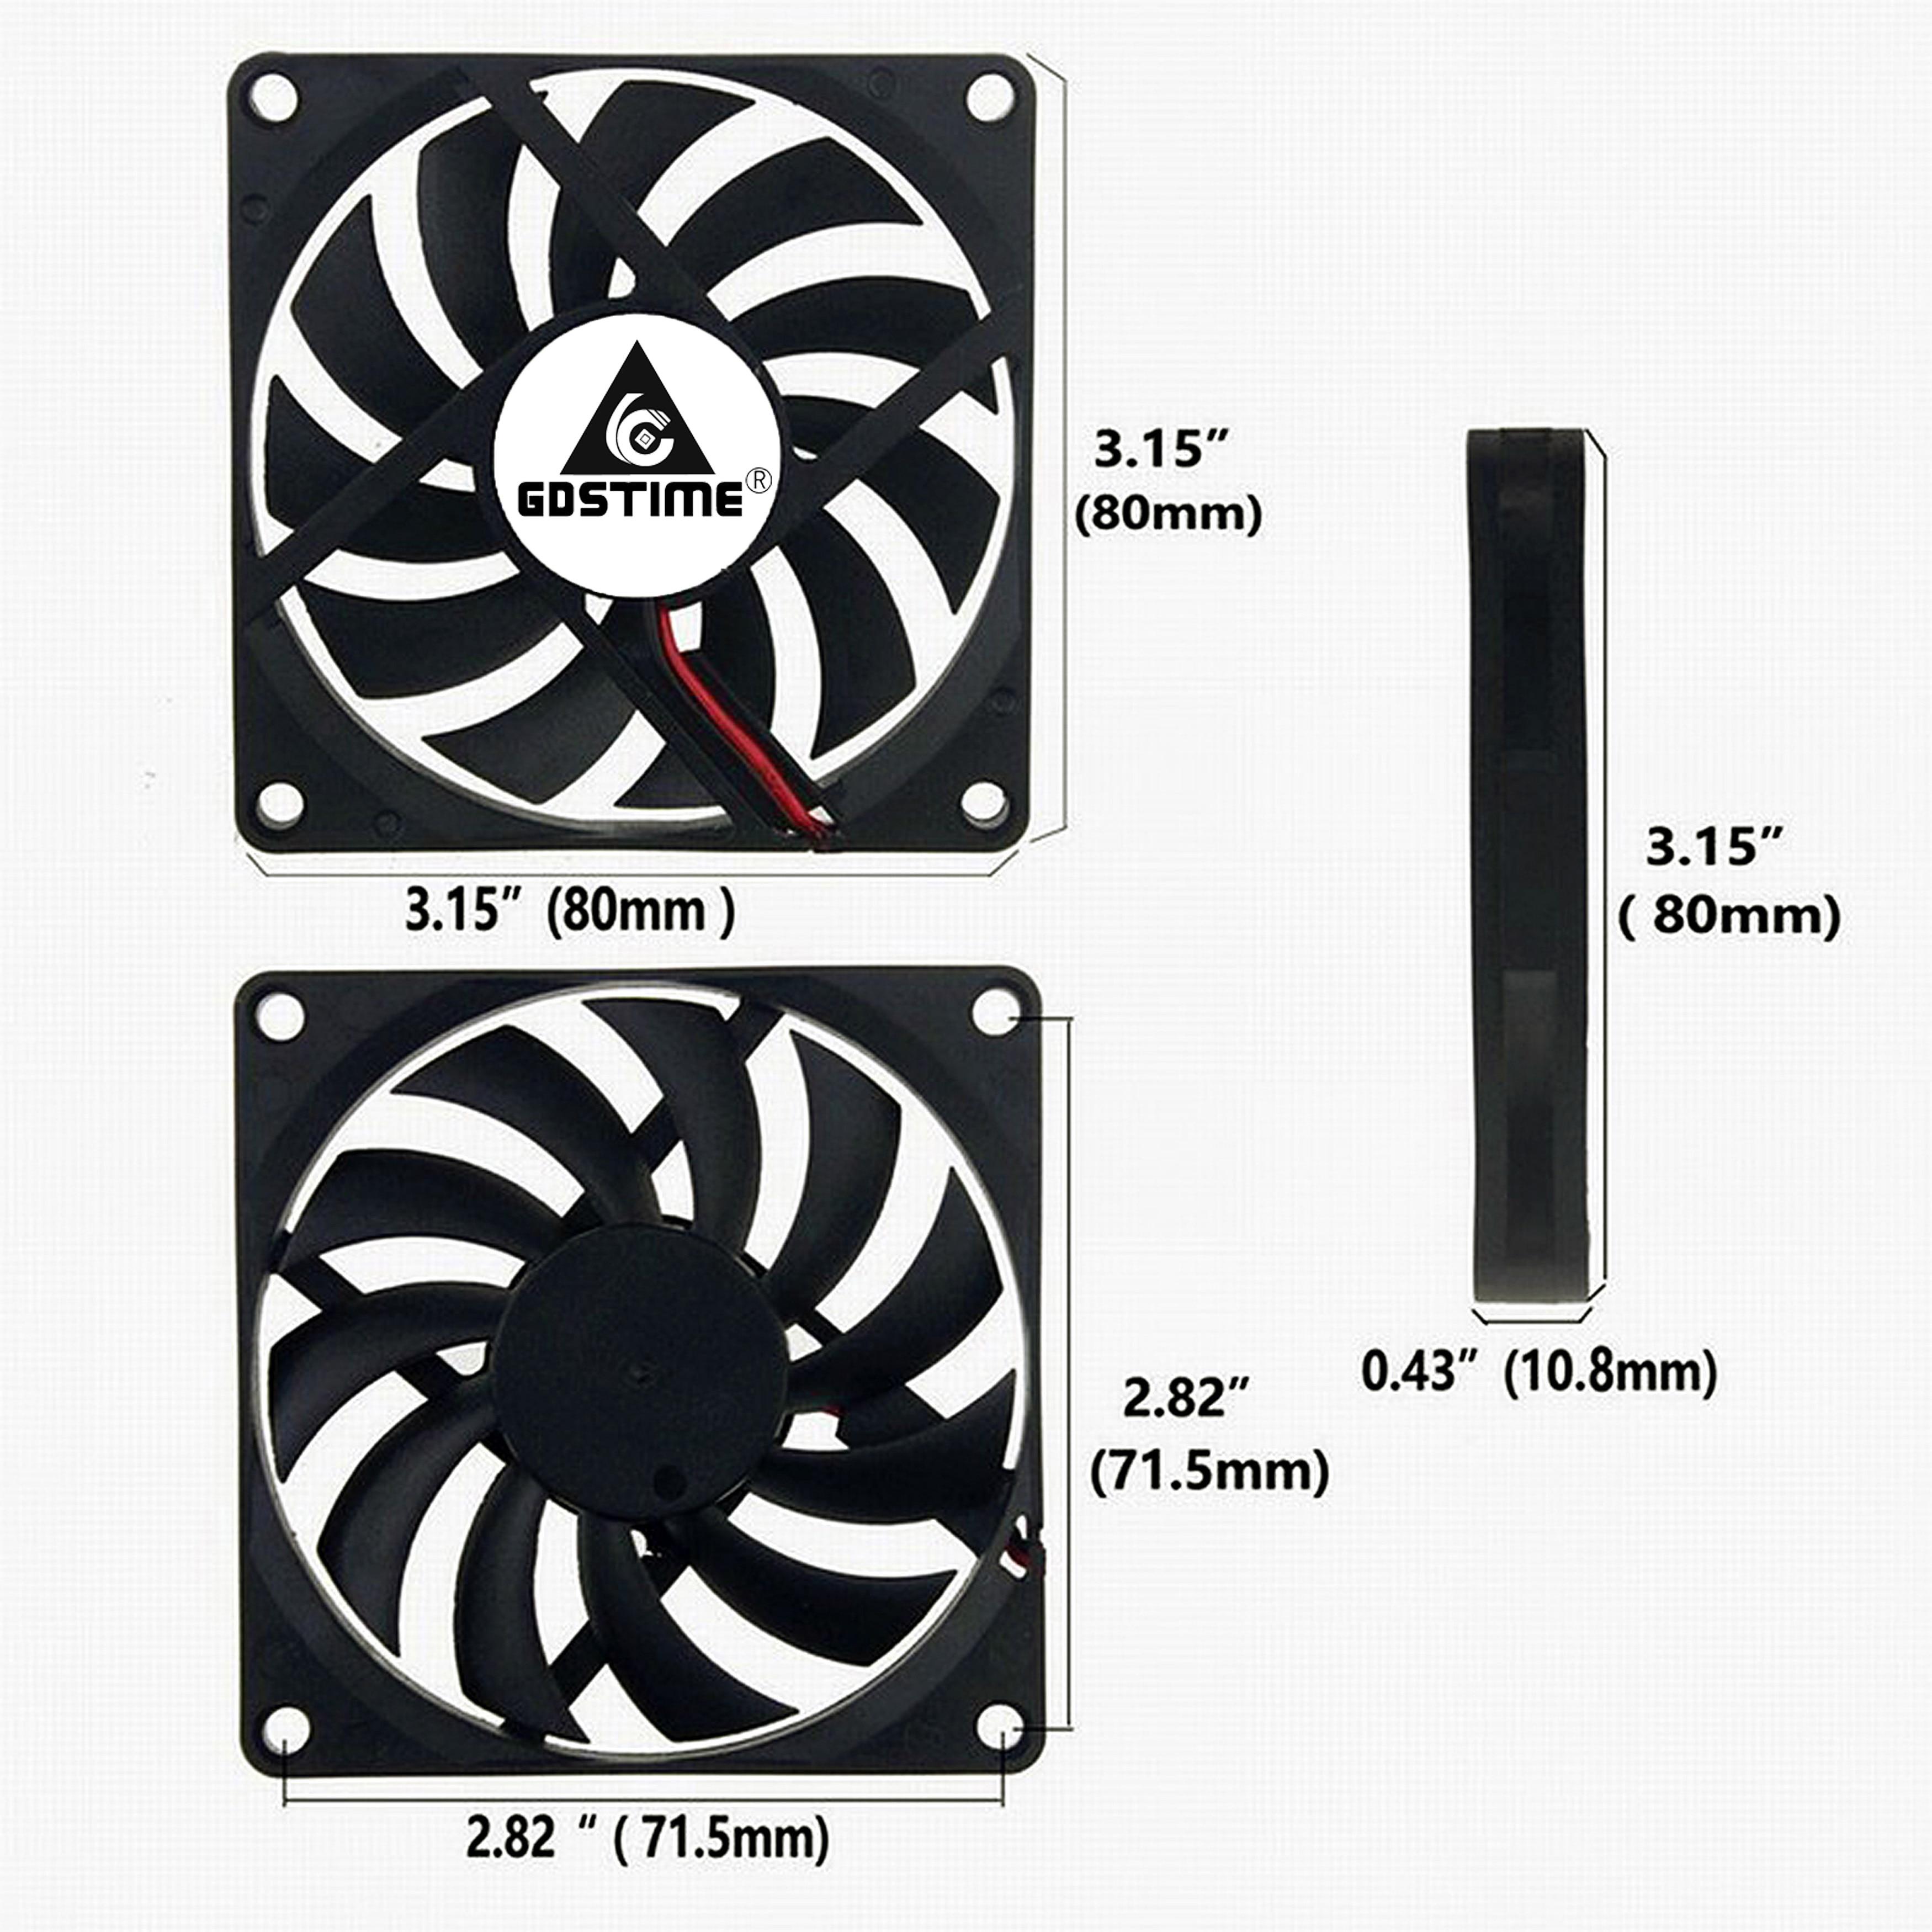 Купить с кэшбэком 1Pcs Gdstime DC 5V 12V 24V 2PIN 3PIN USB 80MM 80x80x10mm Dual Ball PC Brushless Axial Cooling Fan 8010 8CM Laptop CPU Cooler Fan